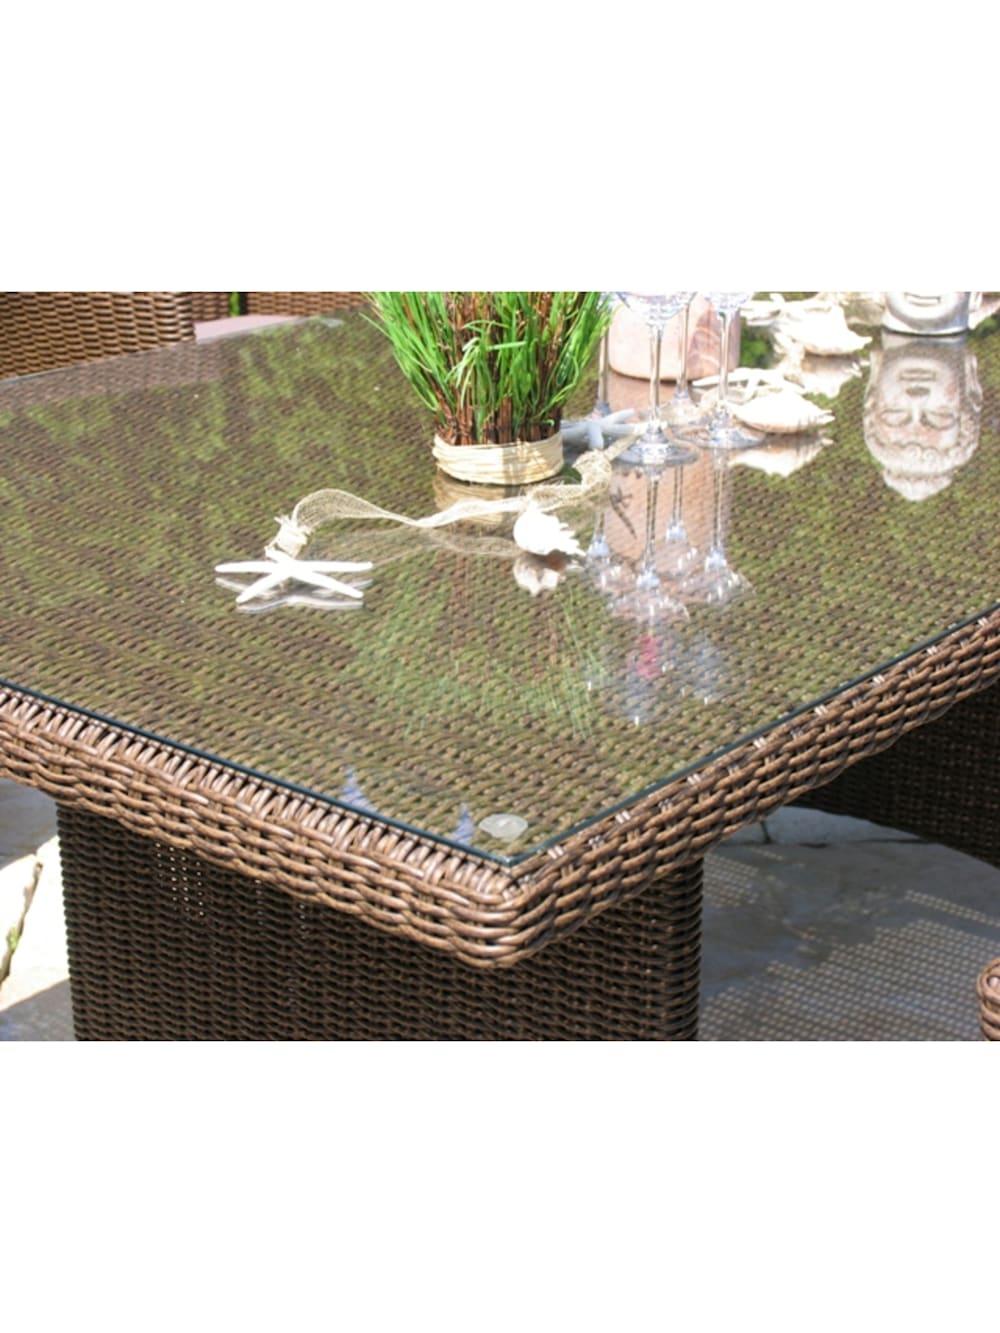 Grasekamp Rattan Tisch Ibiza 90x90cm mit Glasplatte Polyrattan Gartentisch | Klingel